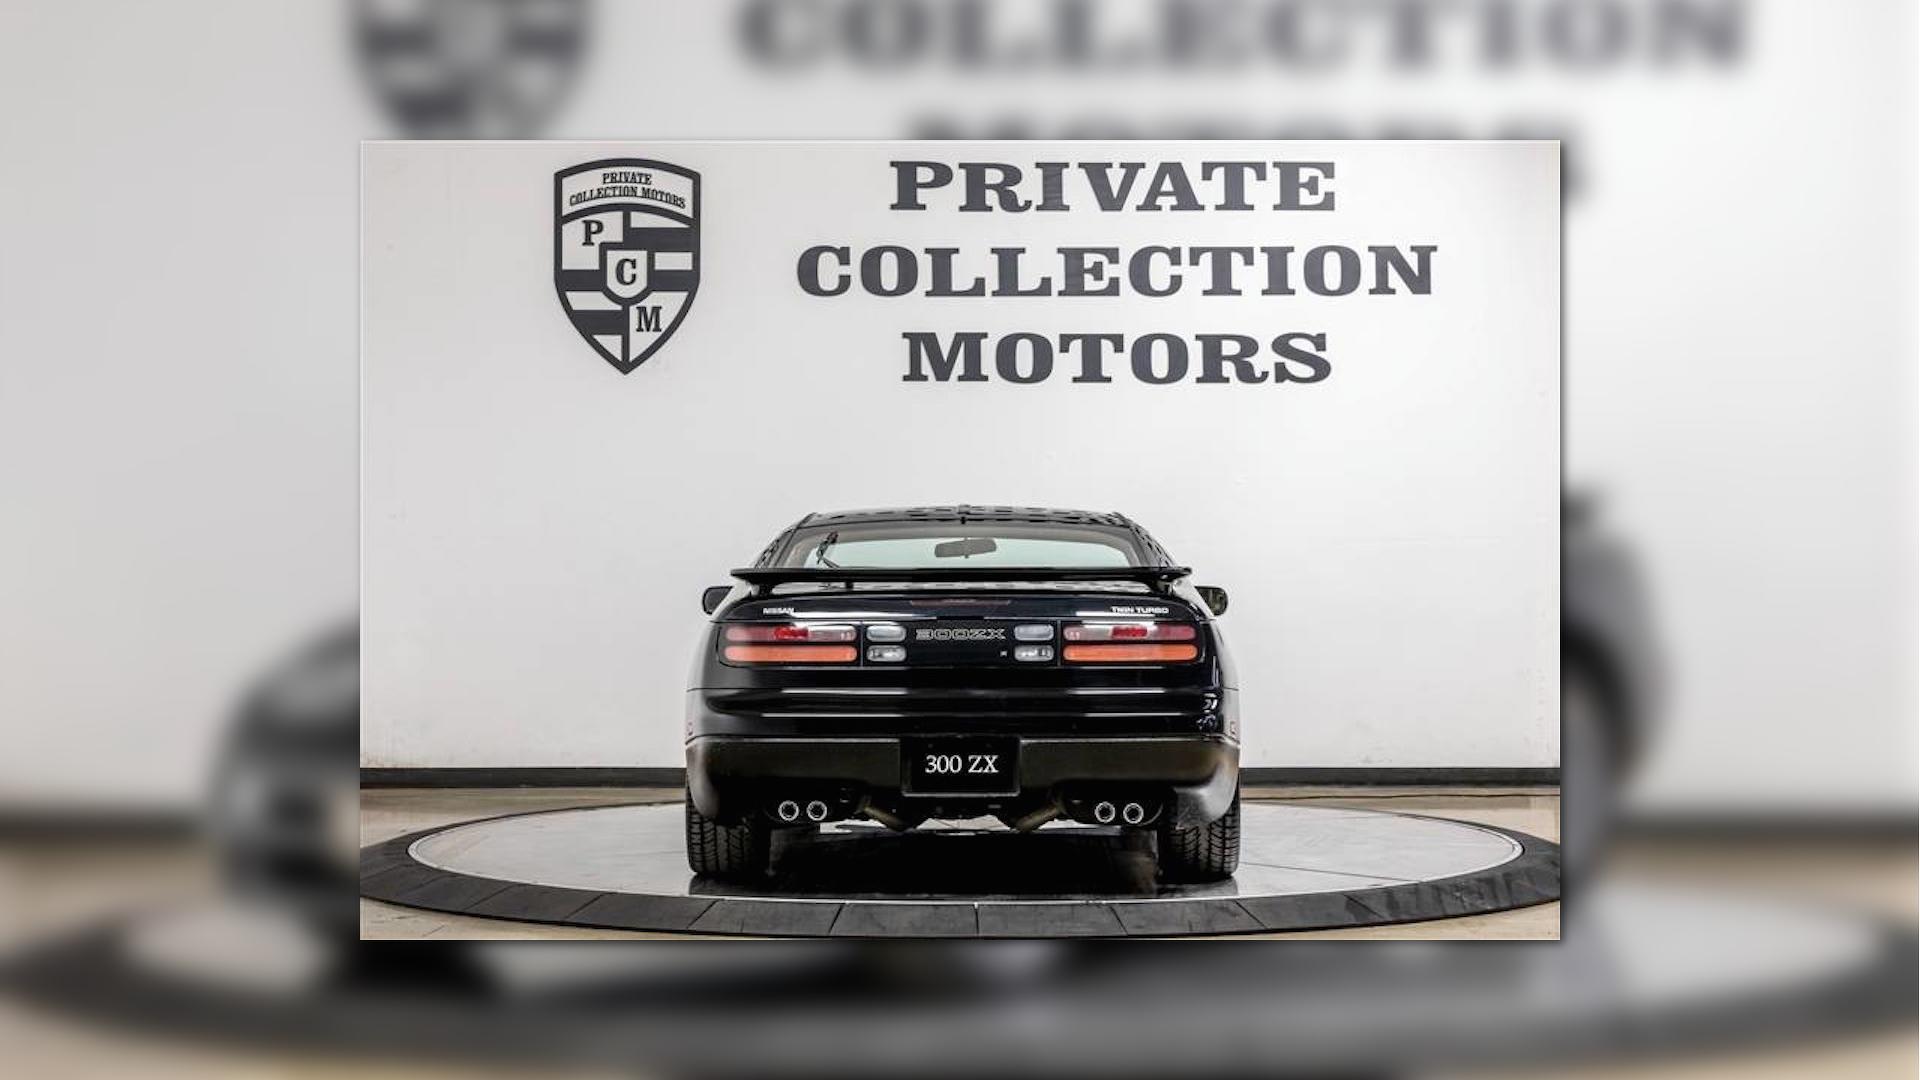 1996_Nissan_300ZX_Turbo_eBay_08